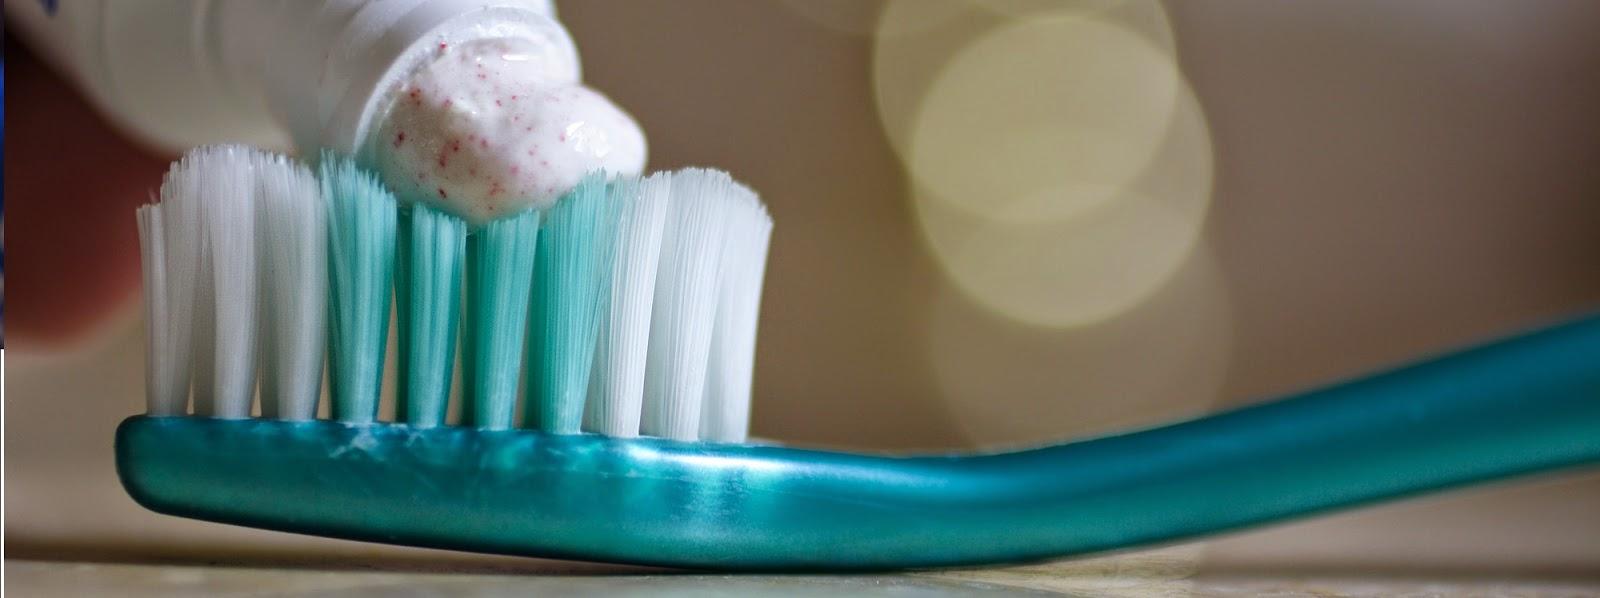 Faktor Penyebab Bau Mulut dan Cara Mengatasinya